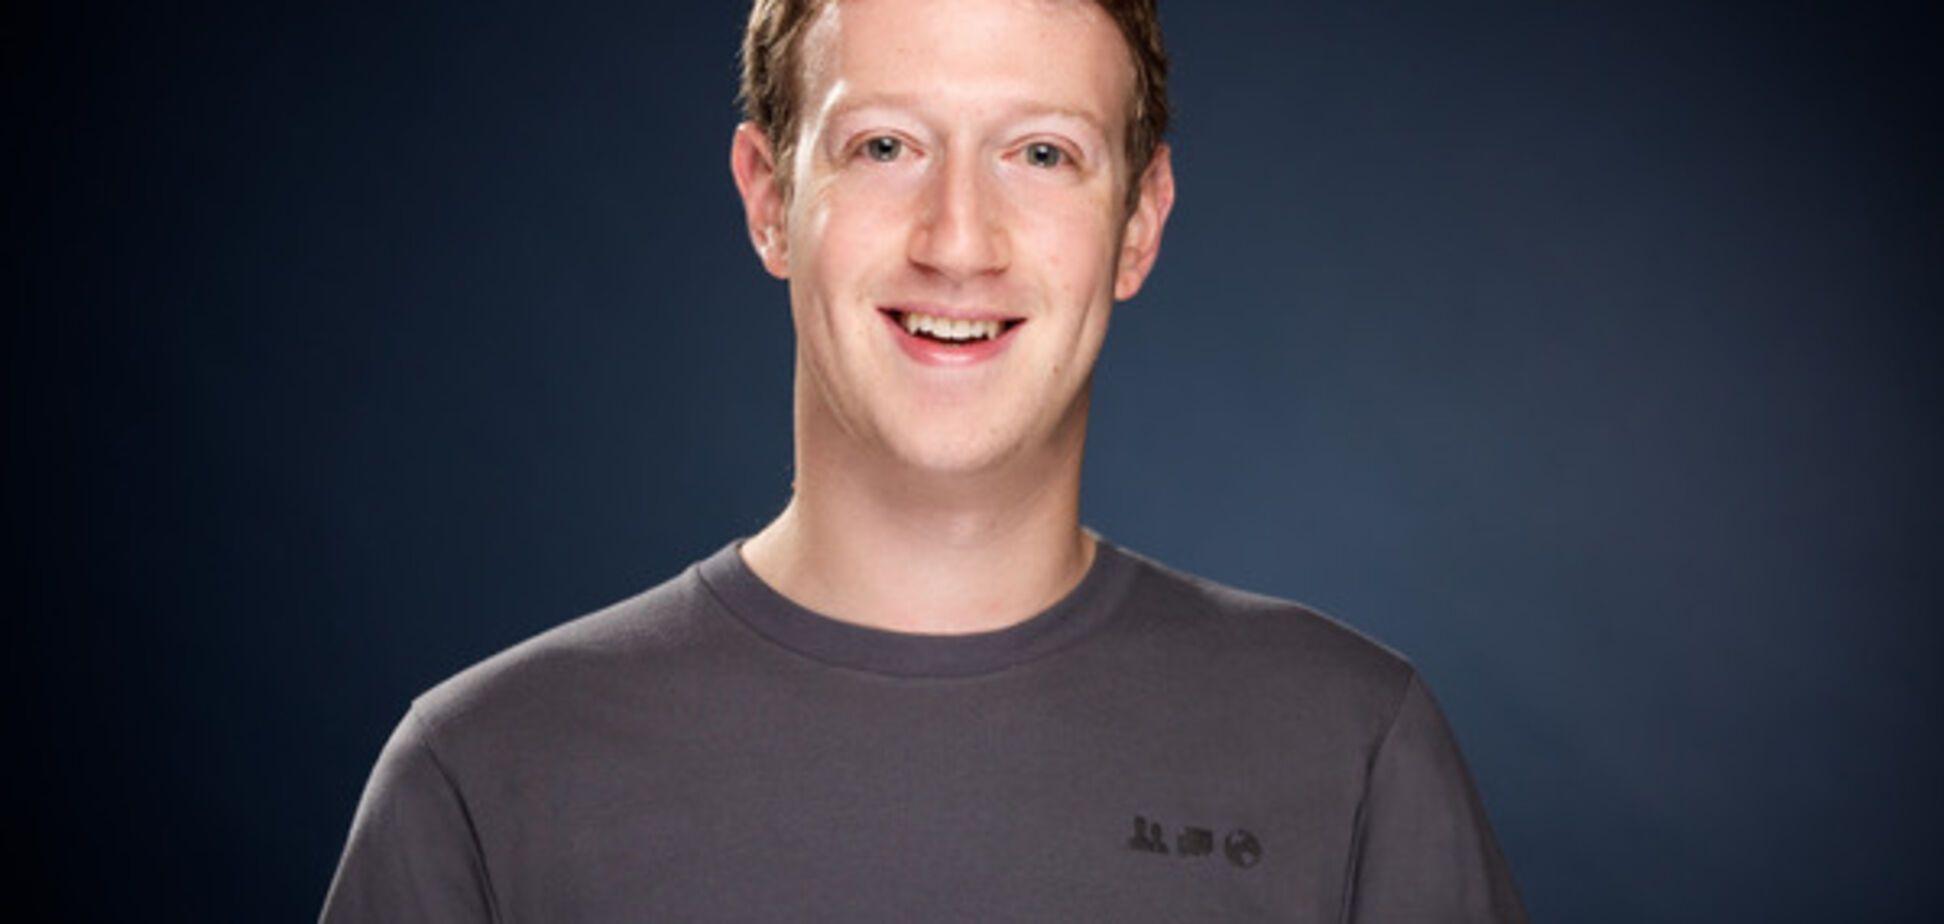 'Мам, я же обещал': Марк Цукерберг вызвал восторг в сети неожиданным известием